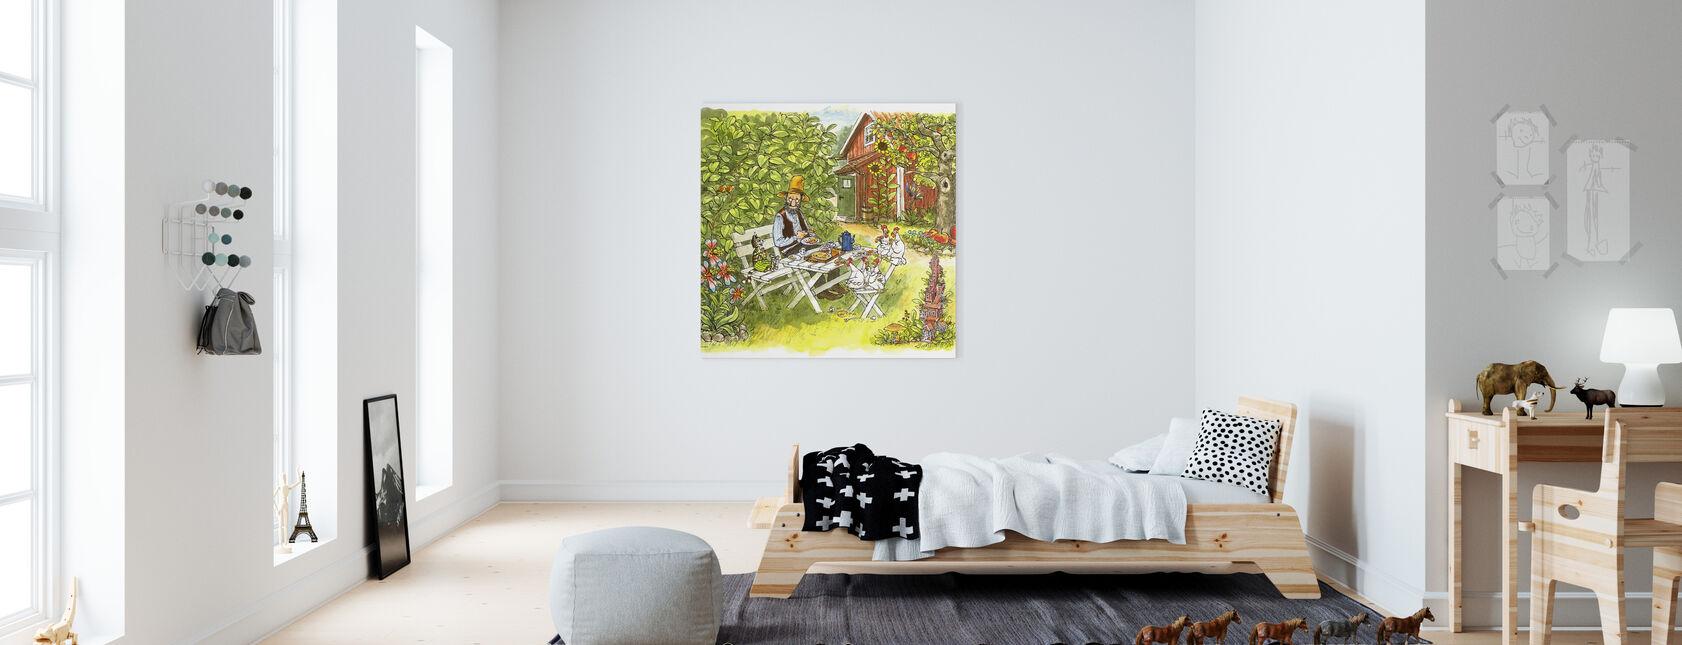 Pettson och Findus - Pannkakslunch i trädgården - Canvastavla - Barnrum